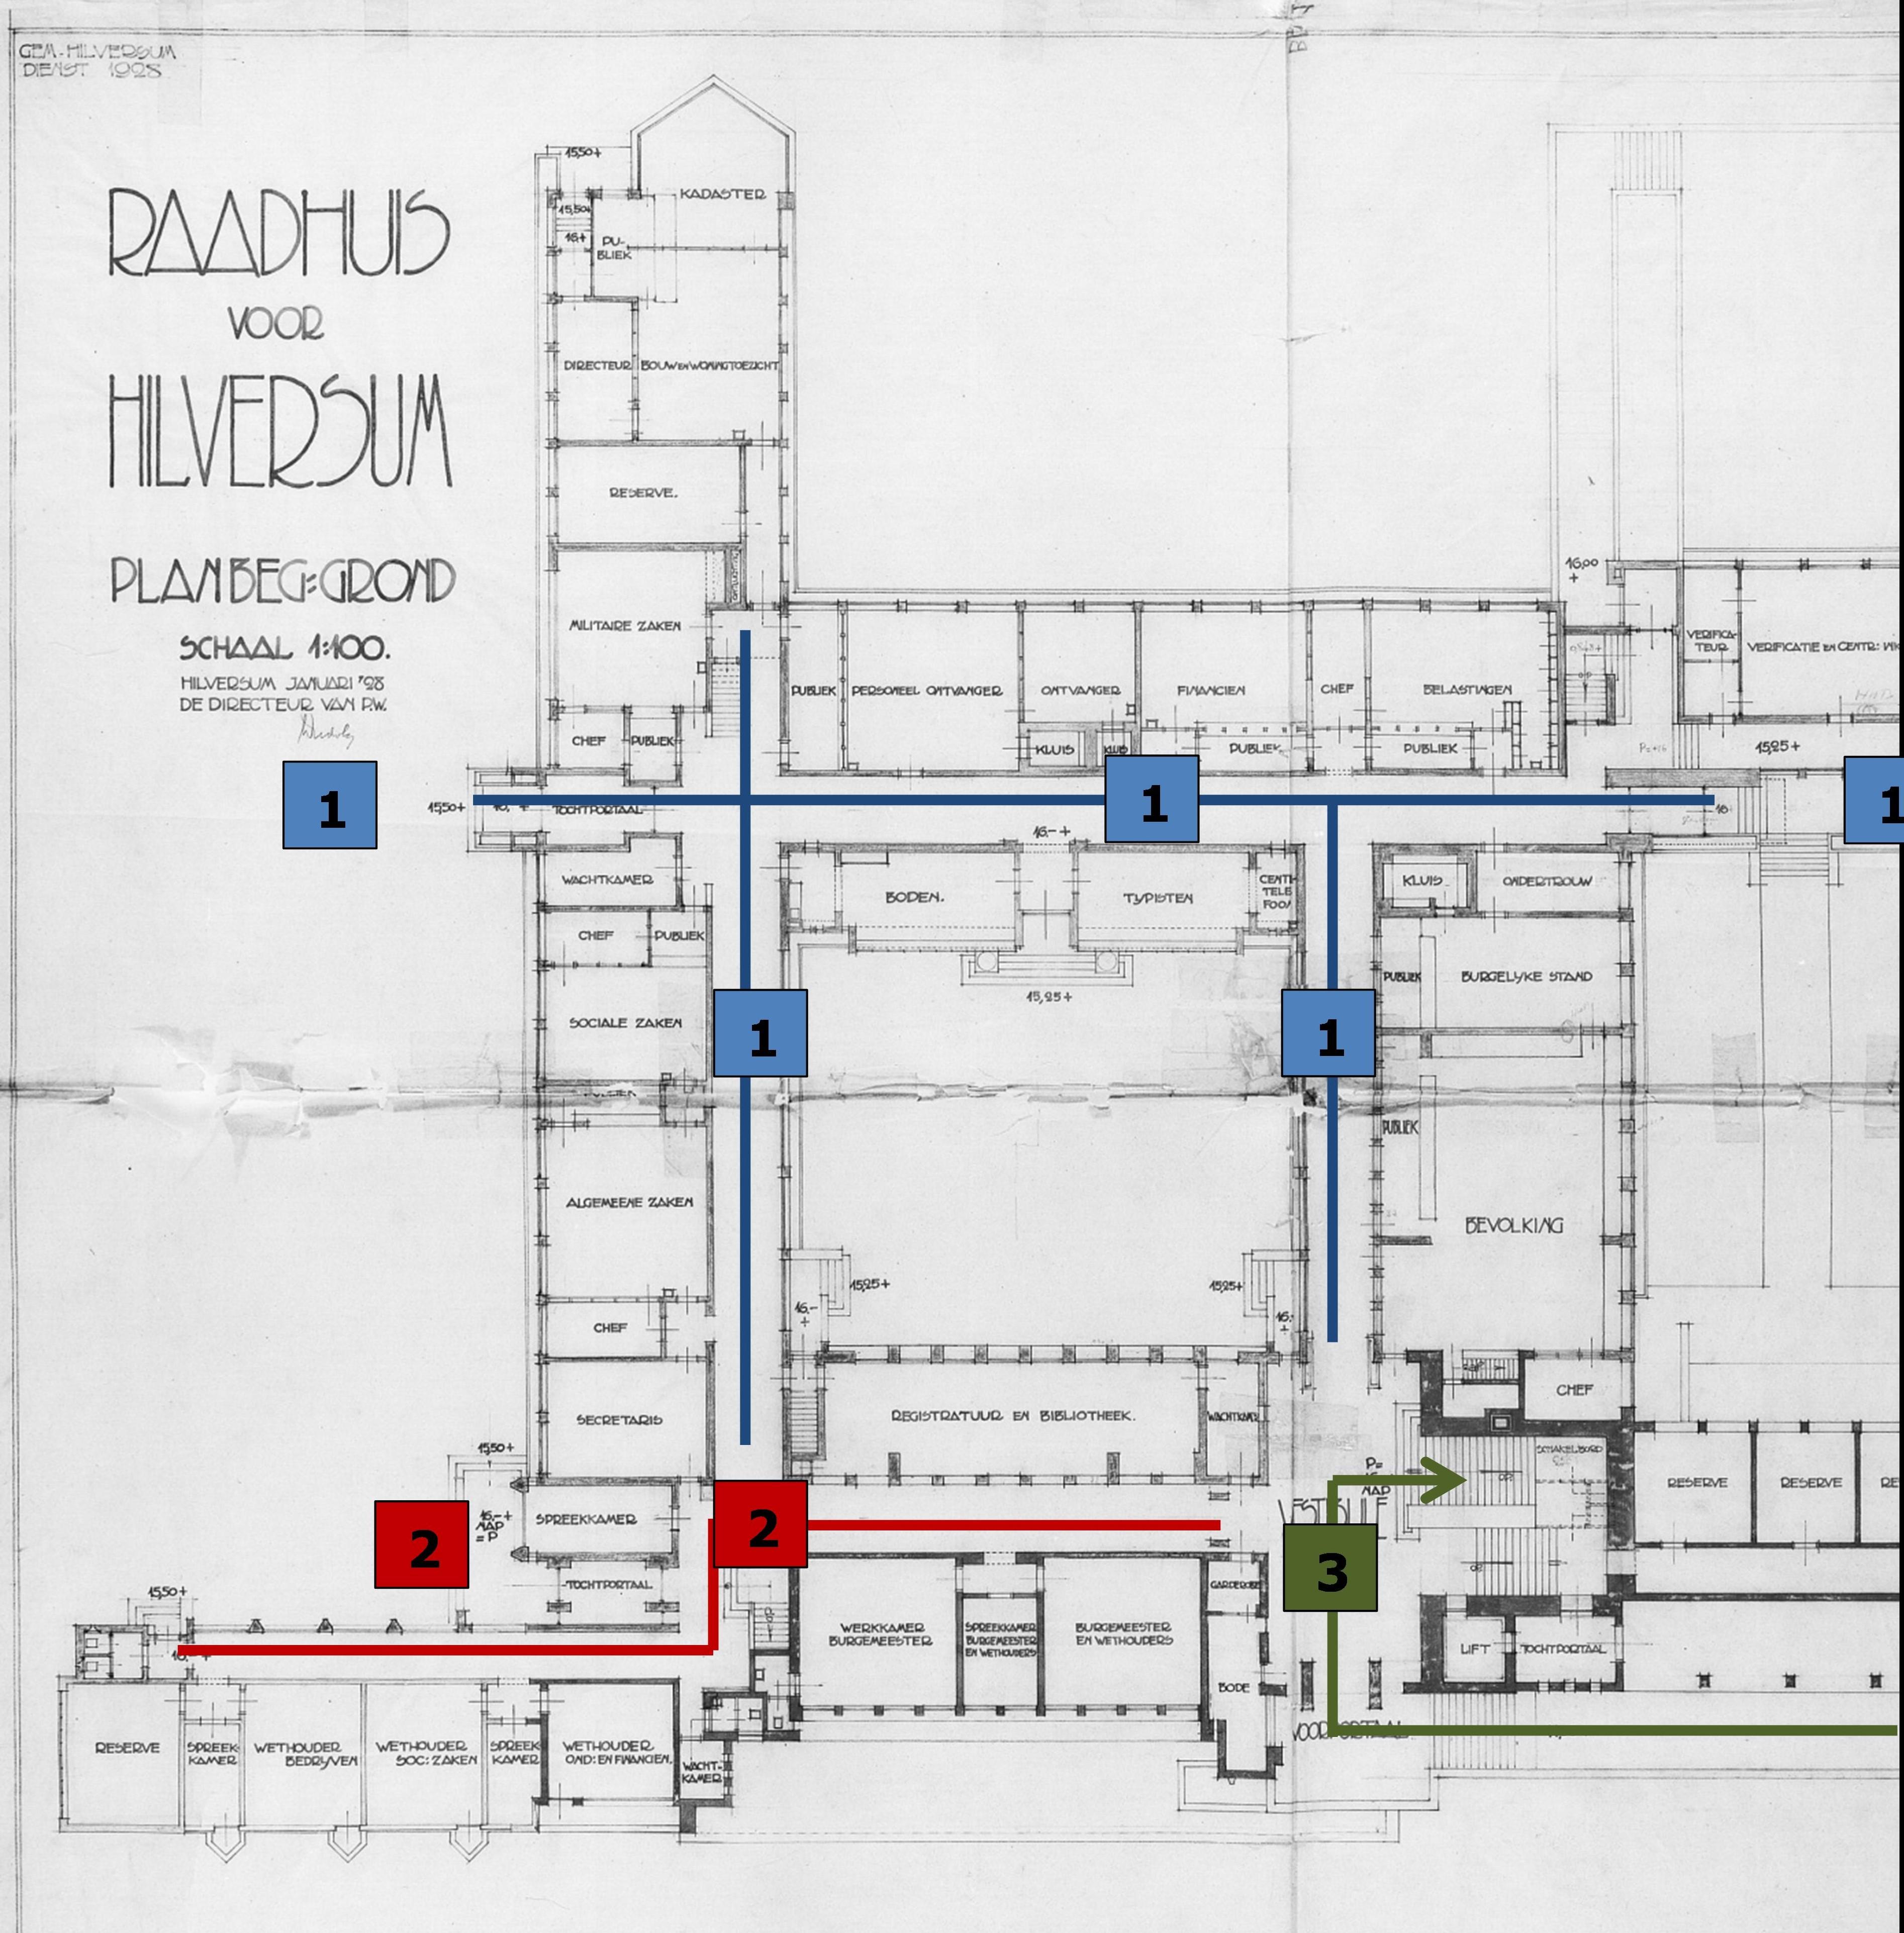 De plattegrond van de begane grond van het hoofdgebouw met de publieks- en ambtenareningang en de bijbehorende ruimten (zie 1), de ingang en de ruimten voor de burgemeester en wethouders (zie 2) en de officiële ingang, hal en trappartij (zie 3), Streekarchief Gooi en Vechtstreek te Hilversum, Inventarisnummer SAGV169-2323.